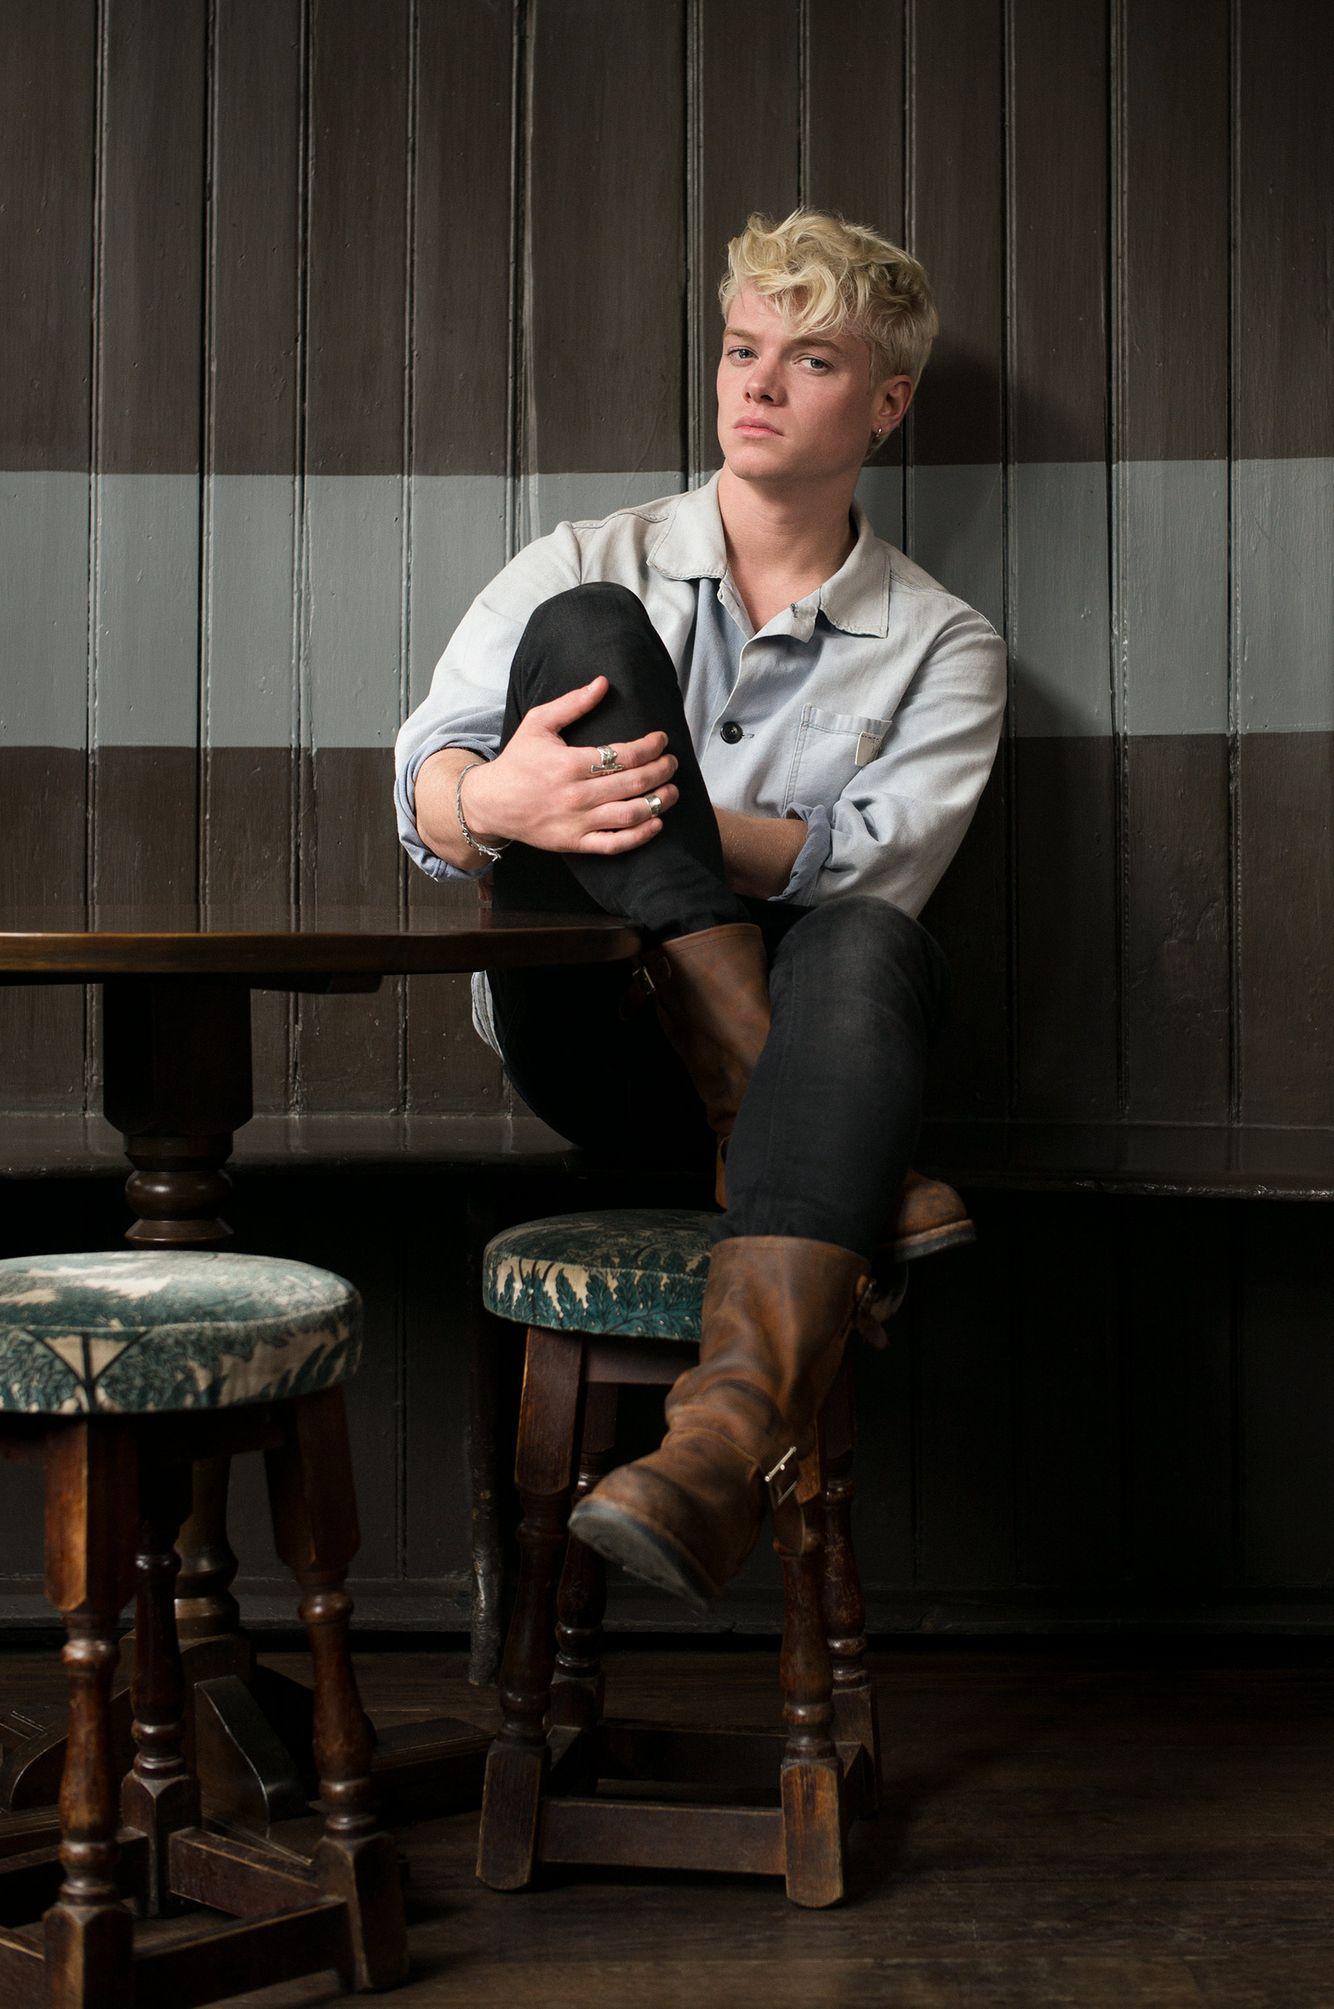 Actor Tom Rhys Harries